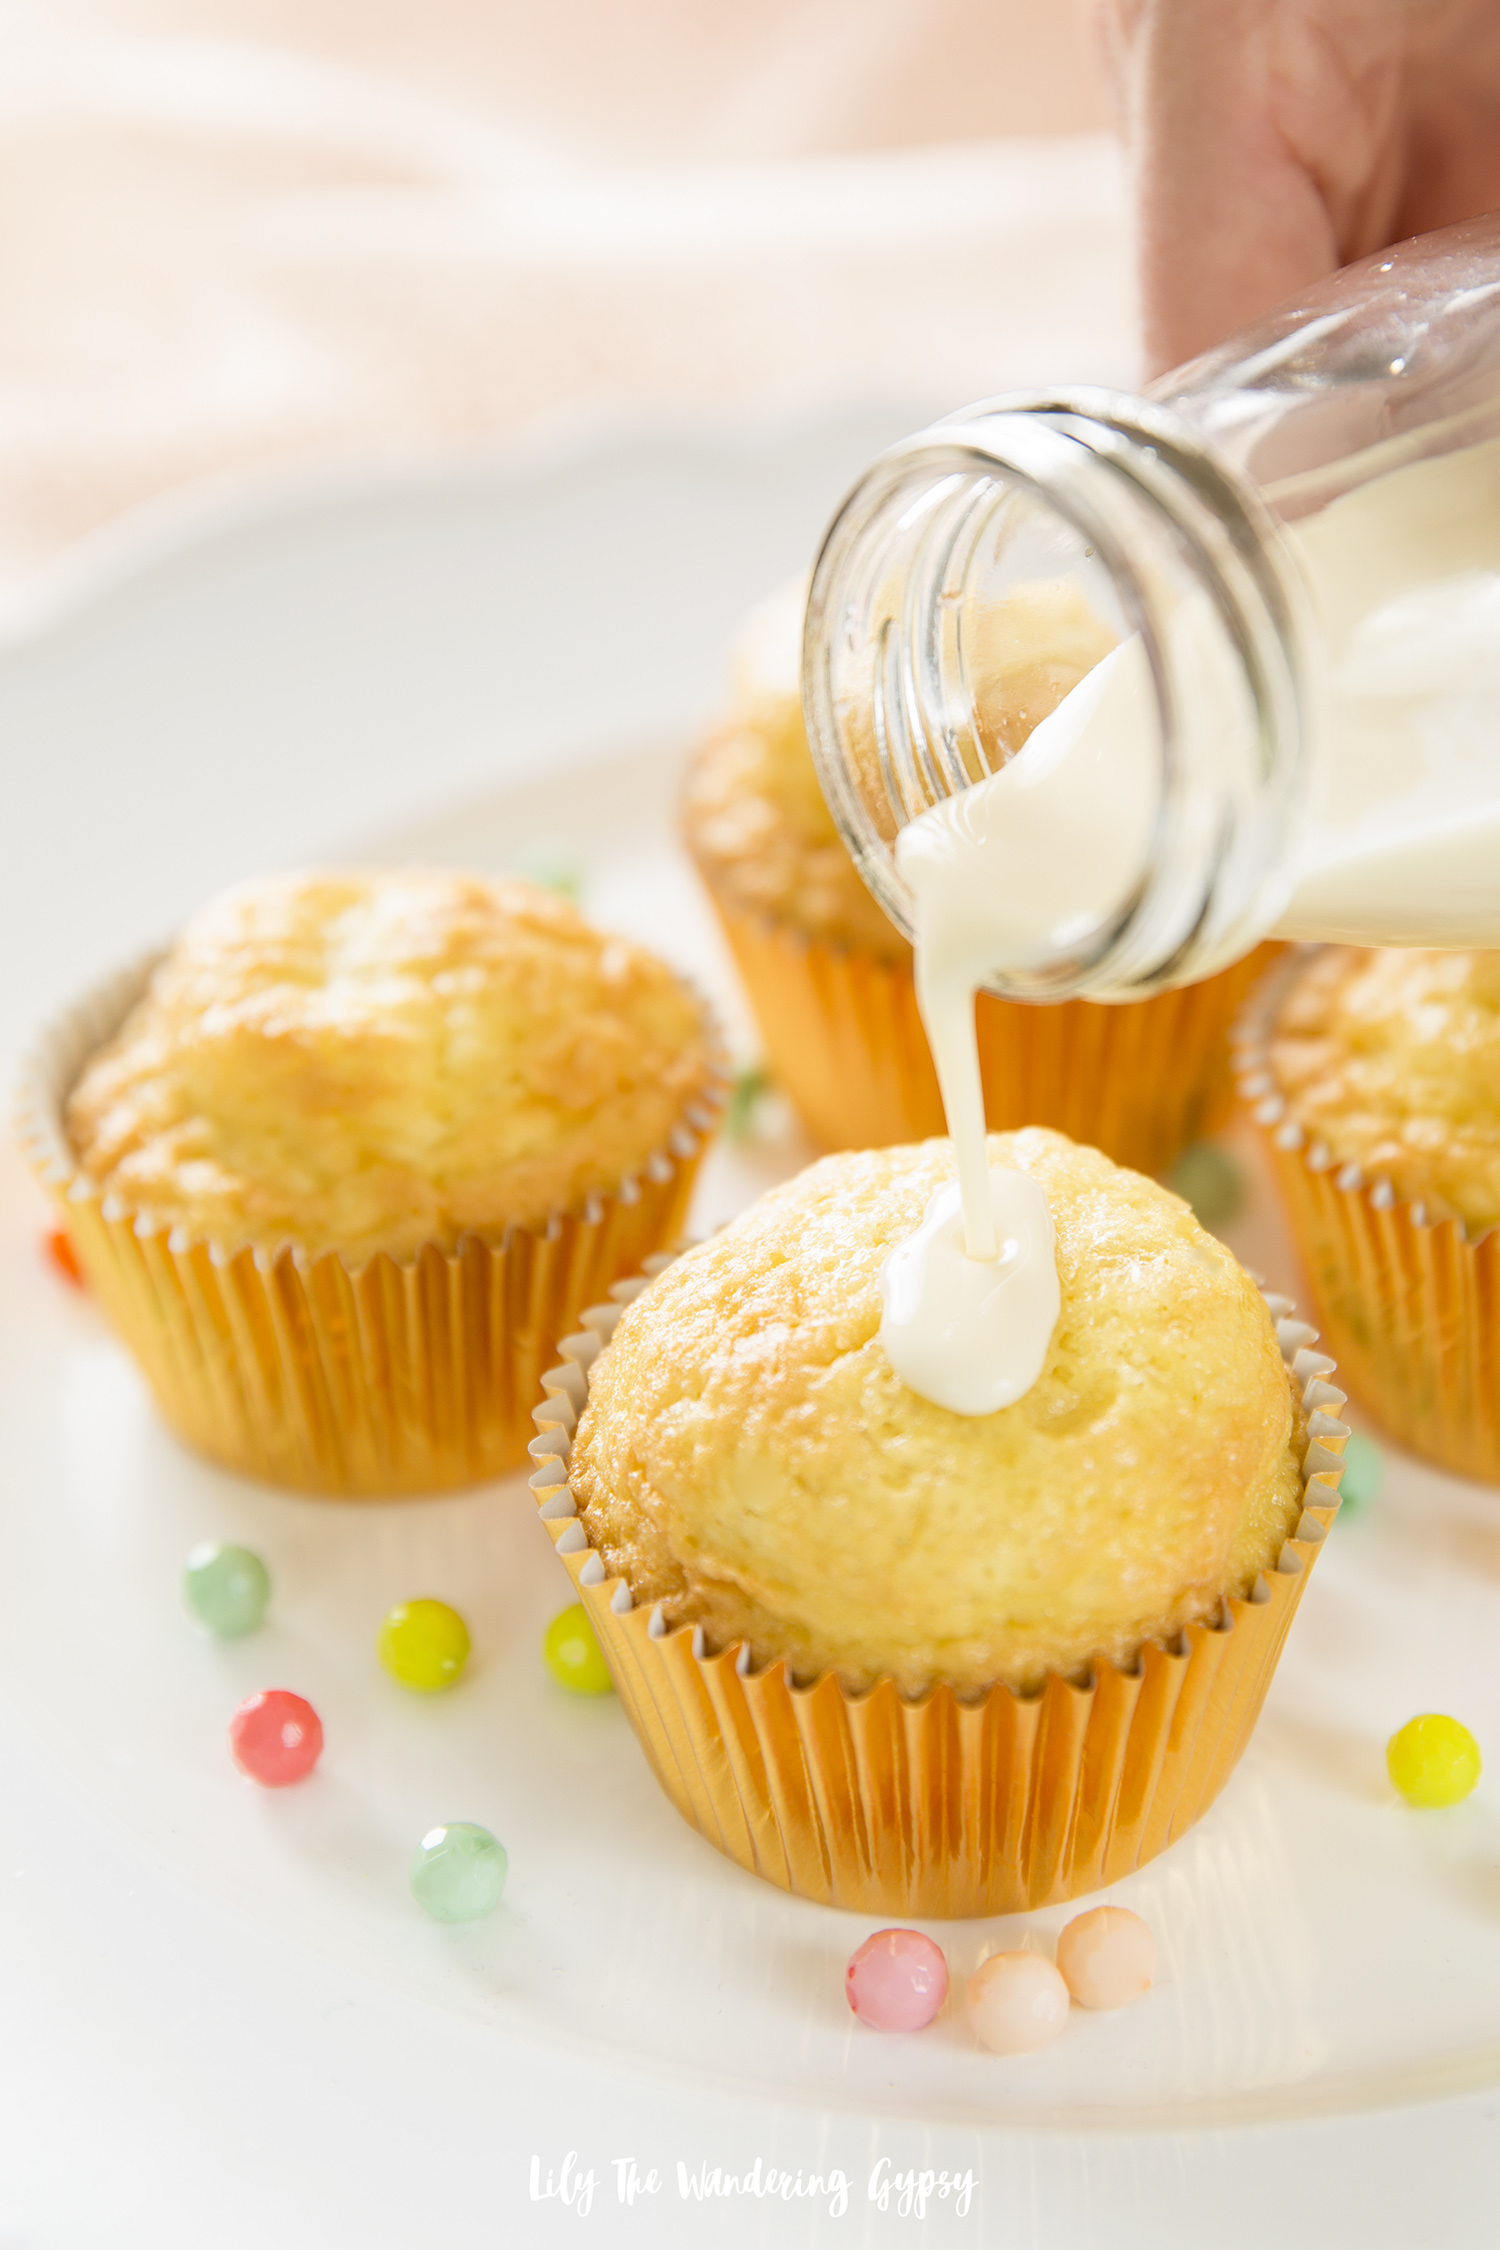 tres leches cupcakes recipe